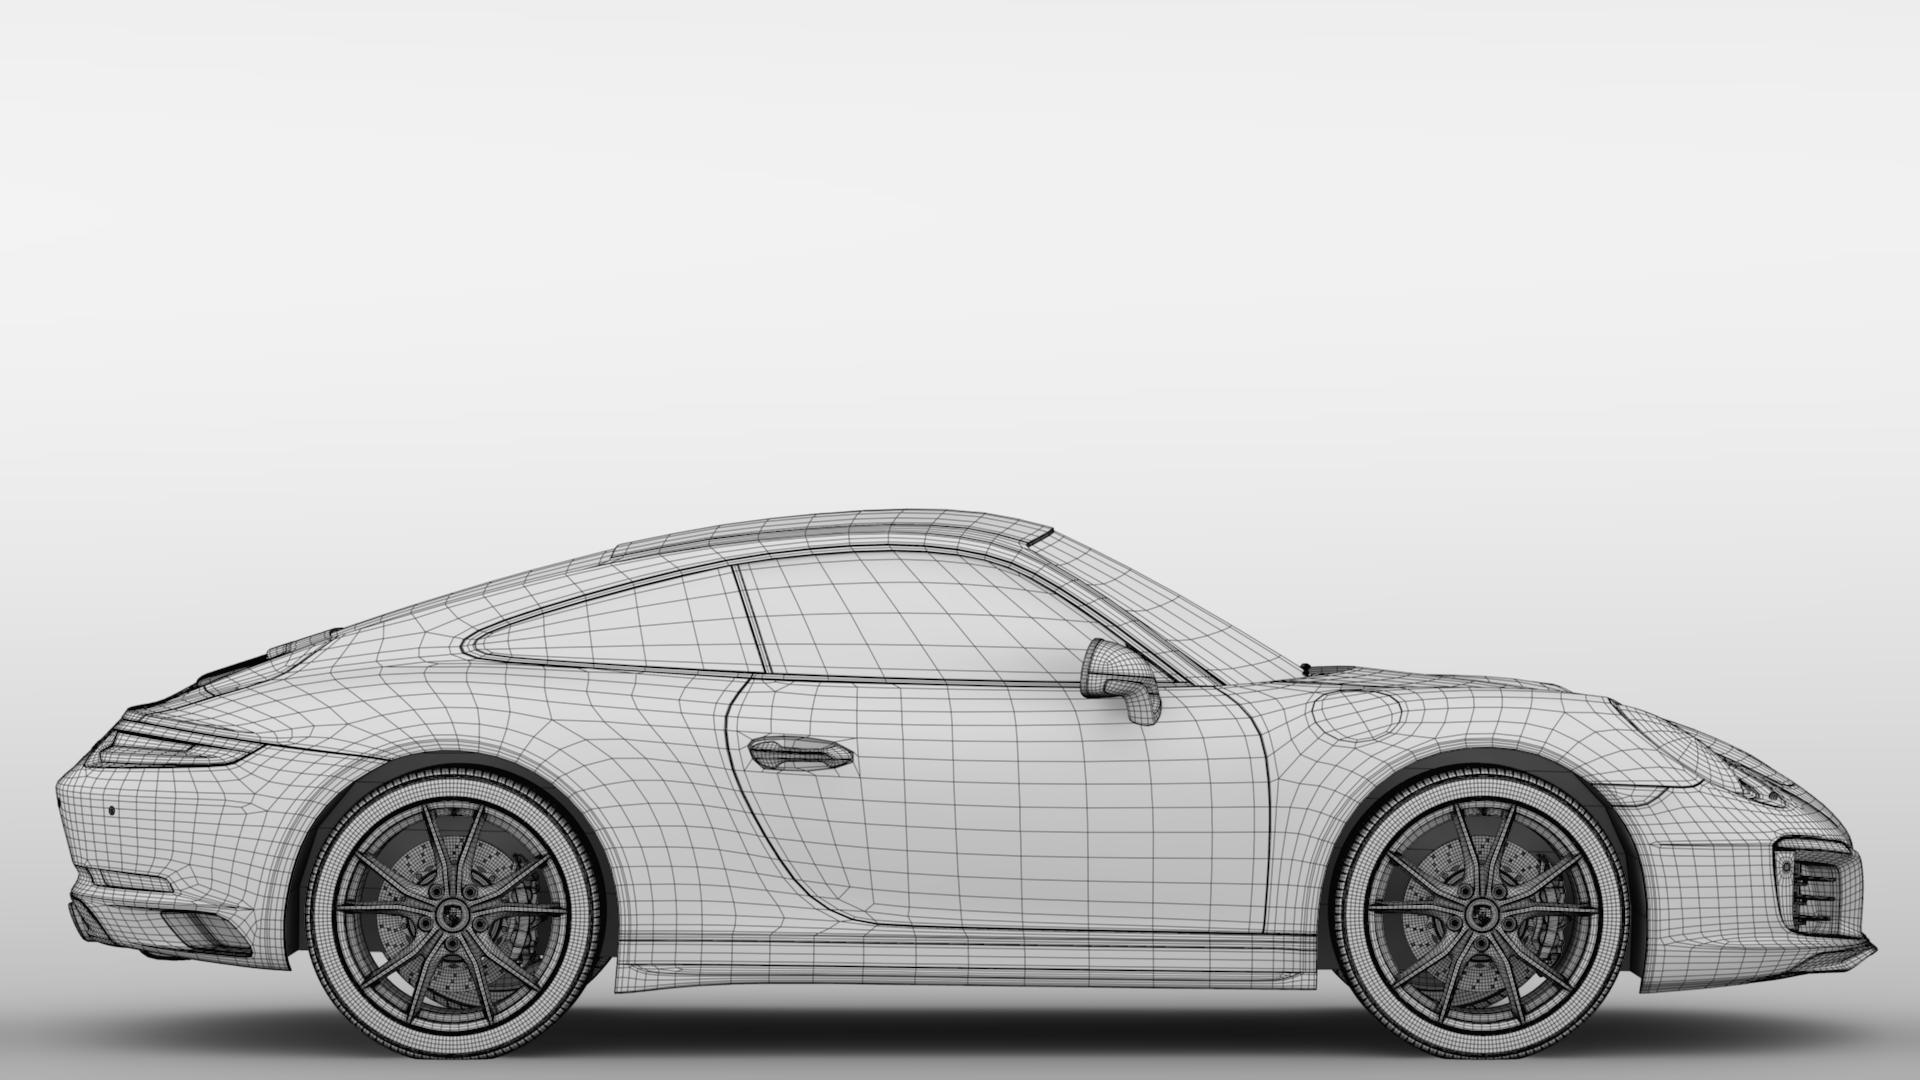 porsche 911 carrera t coupe (991) 2018 3d model max fbx c4d lwo ma mb hrc xsi obj 278979